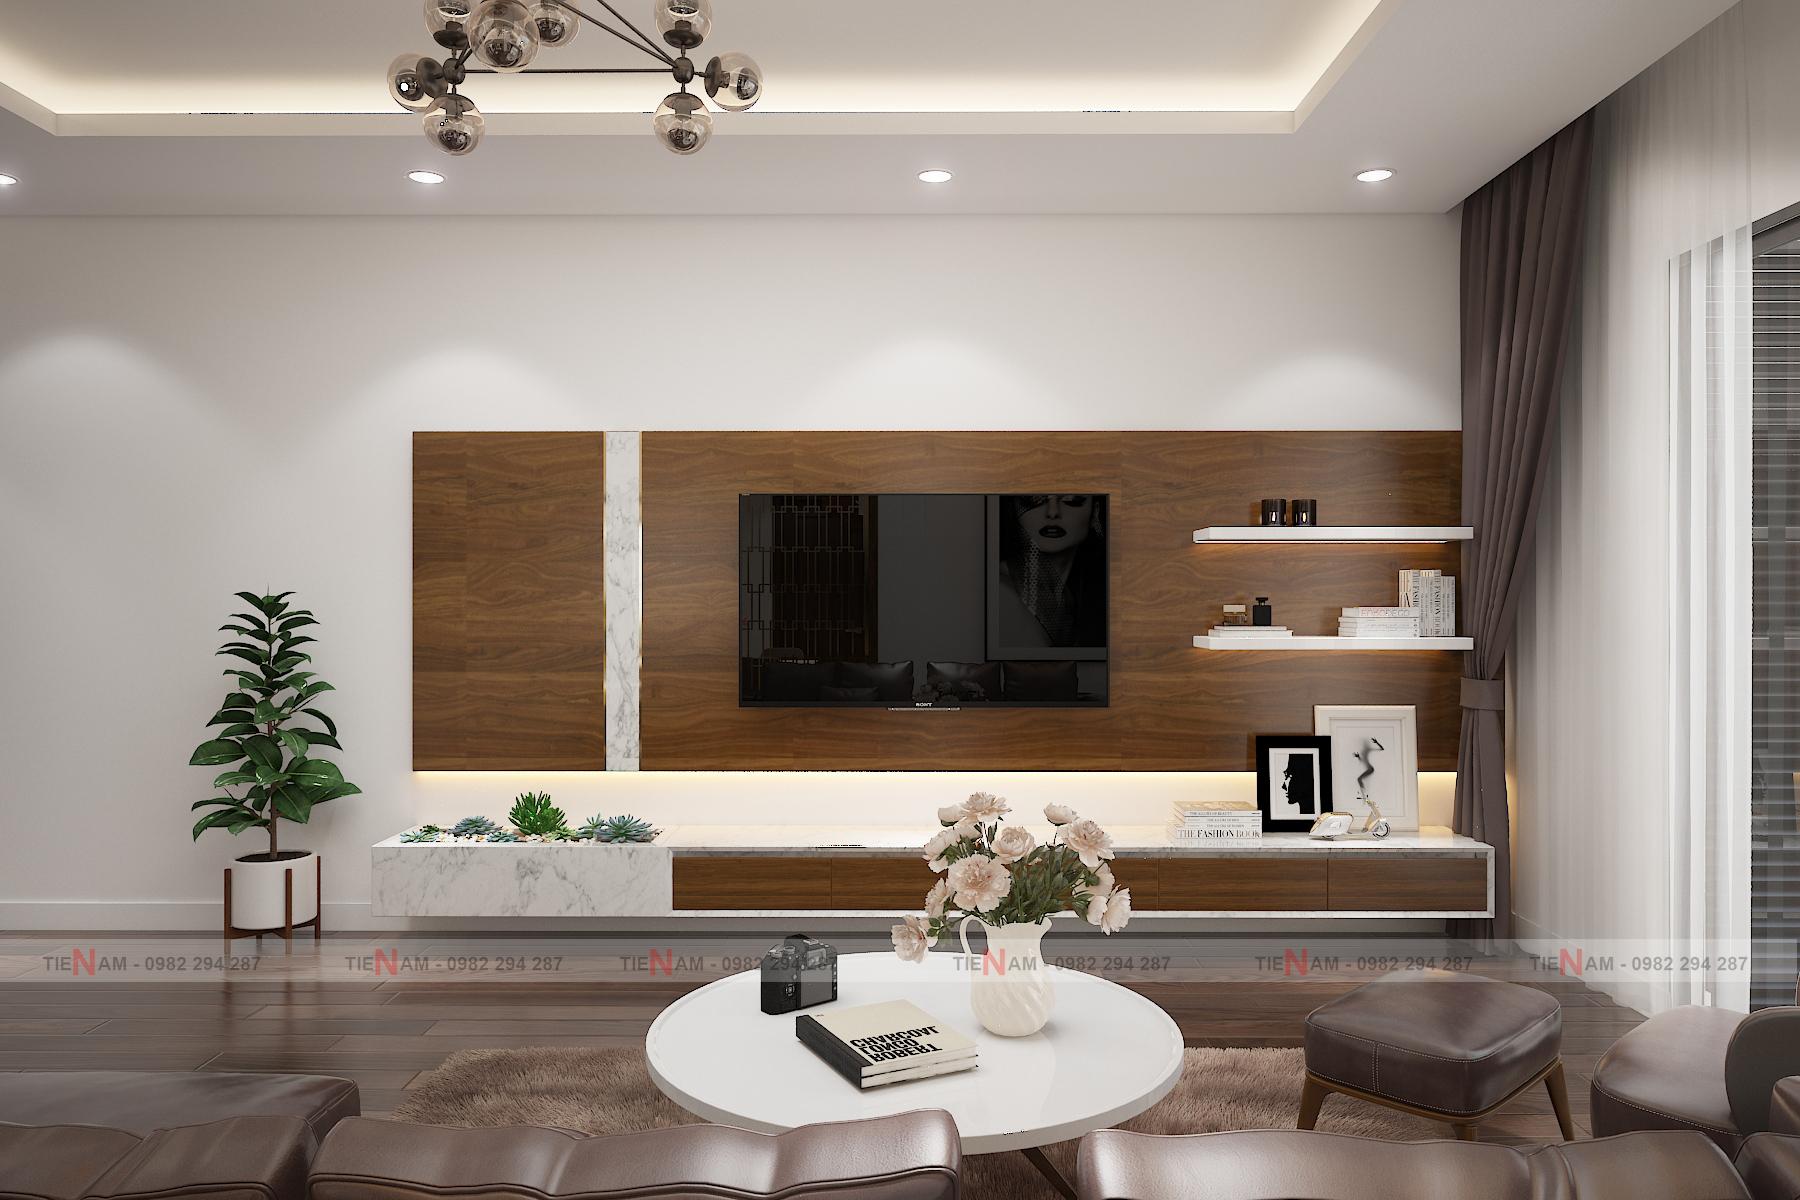 Thiết kế Chung Cư tại Hà Nội Chung cư Phố Vọng 1573054621 2